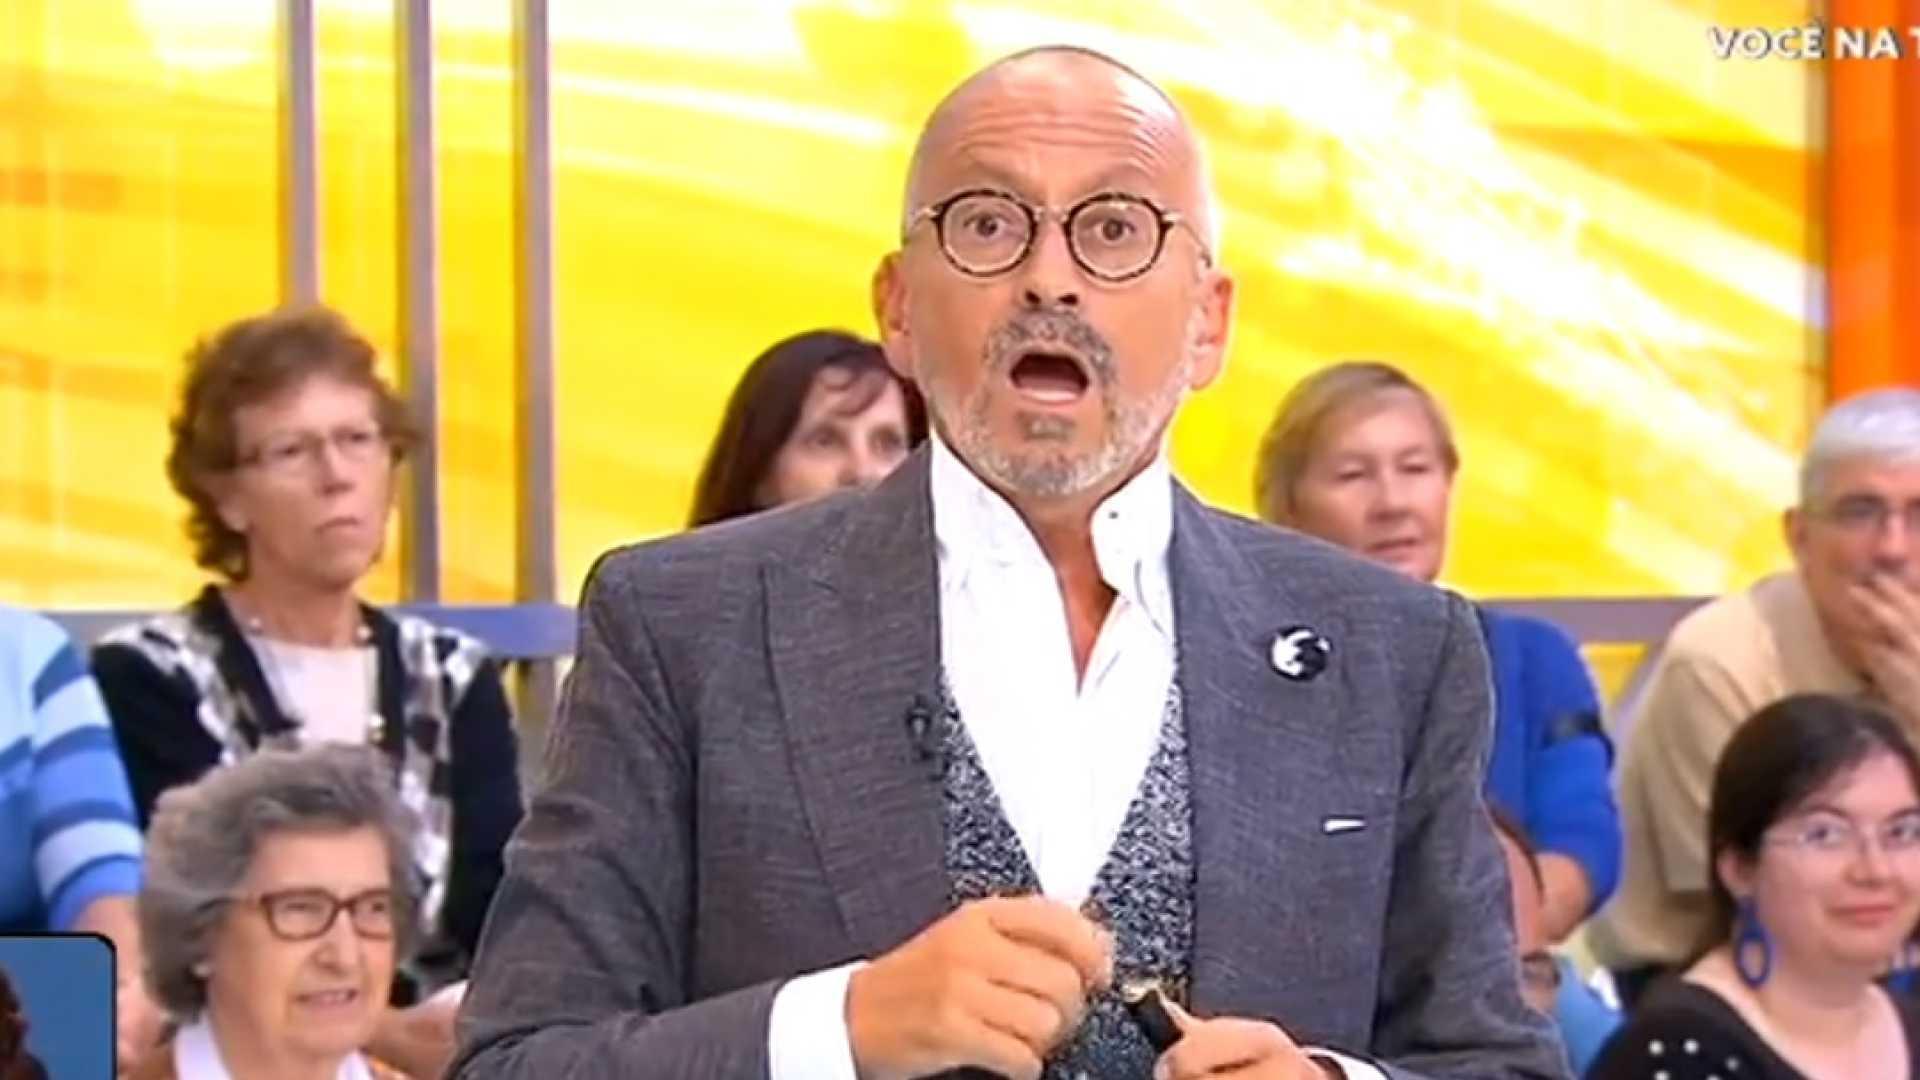 Manuel Luis Goucha Boca Aberta Voce Na Tv Tvi Define Data Para Estrear O Renovado «Você Na Tv!»